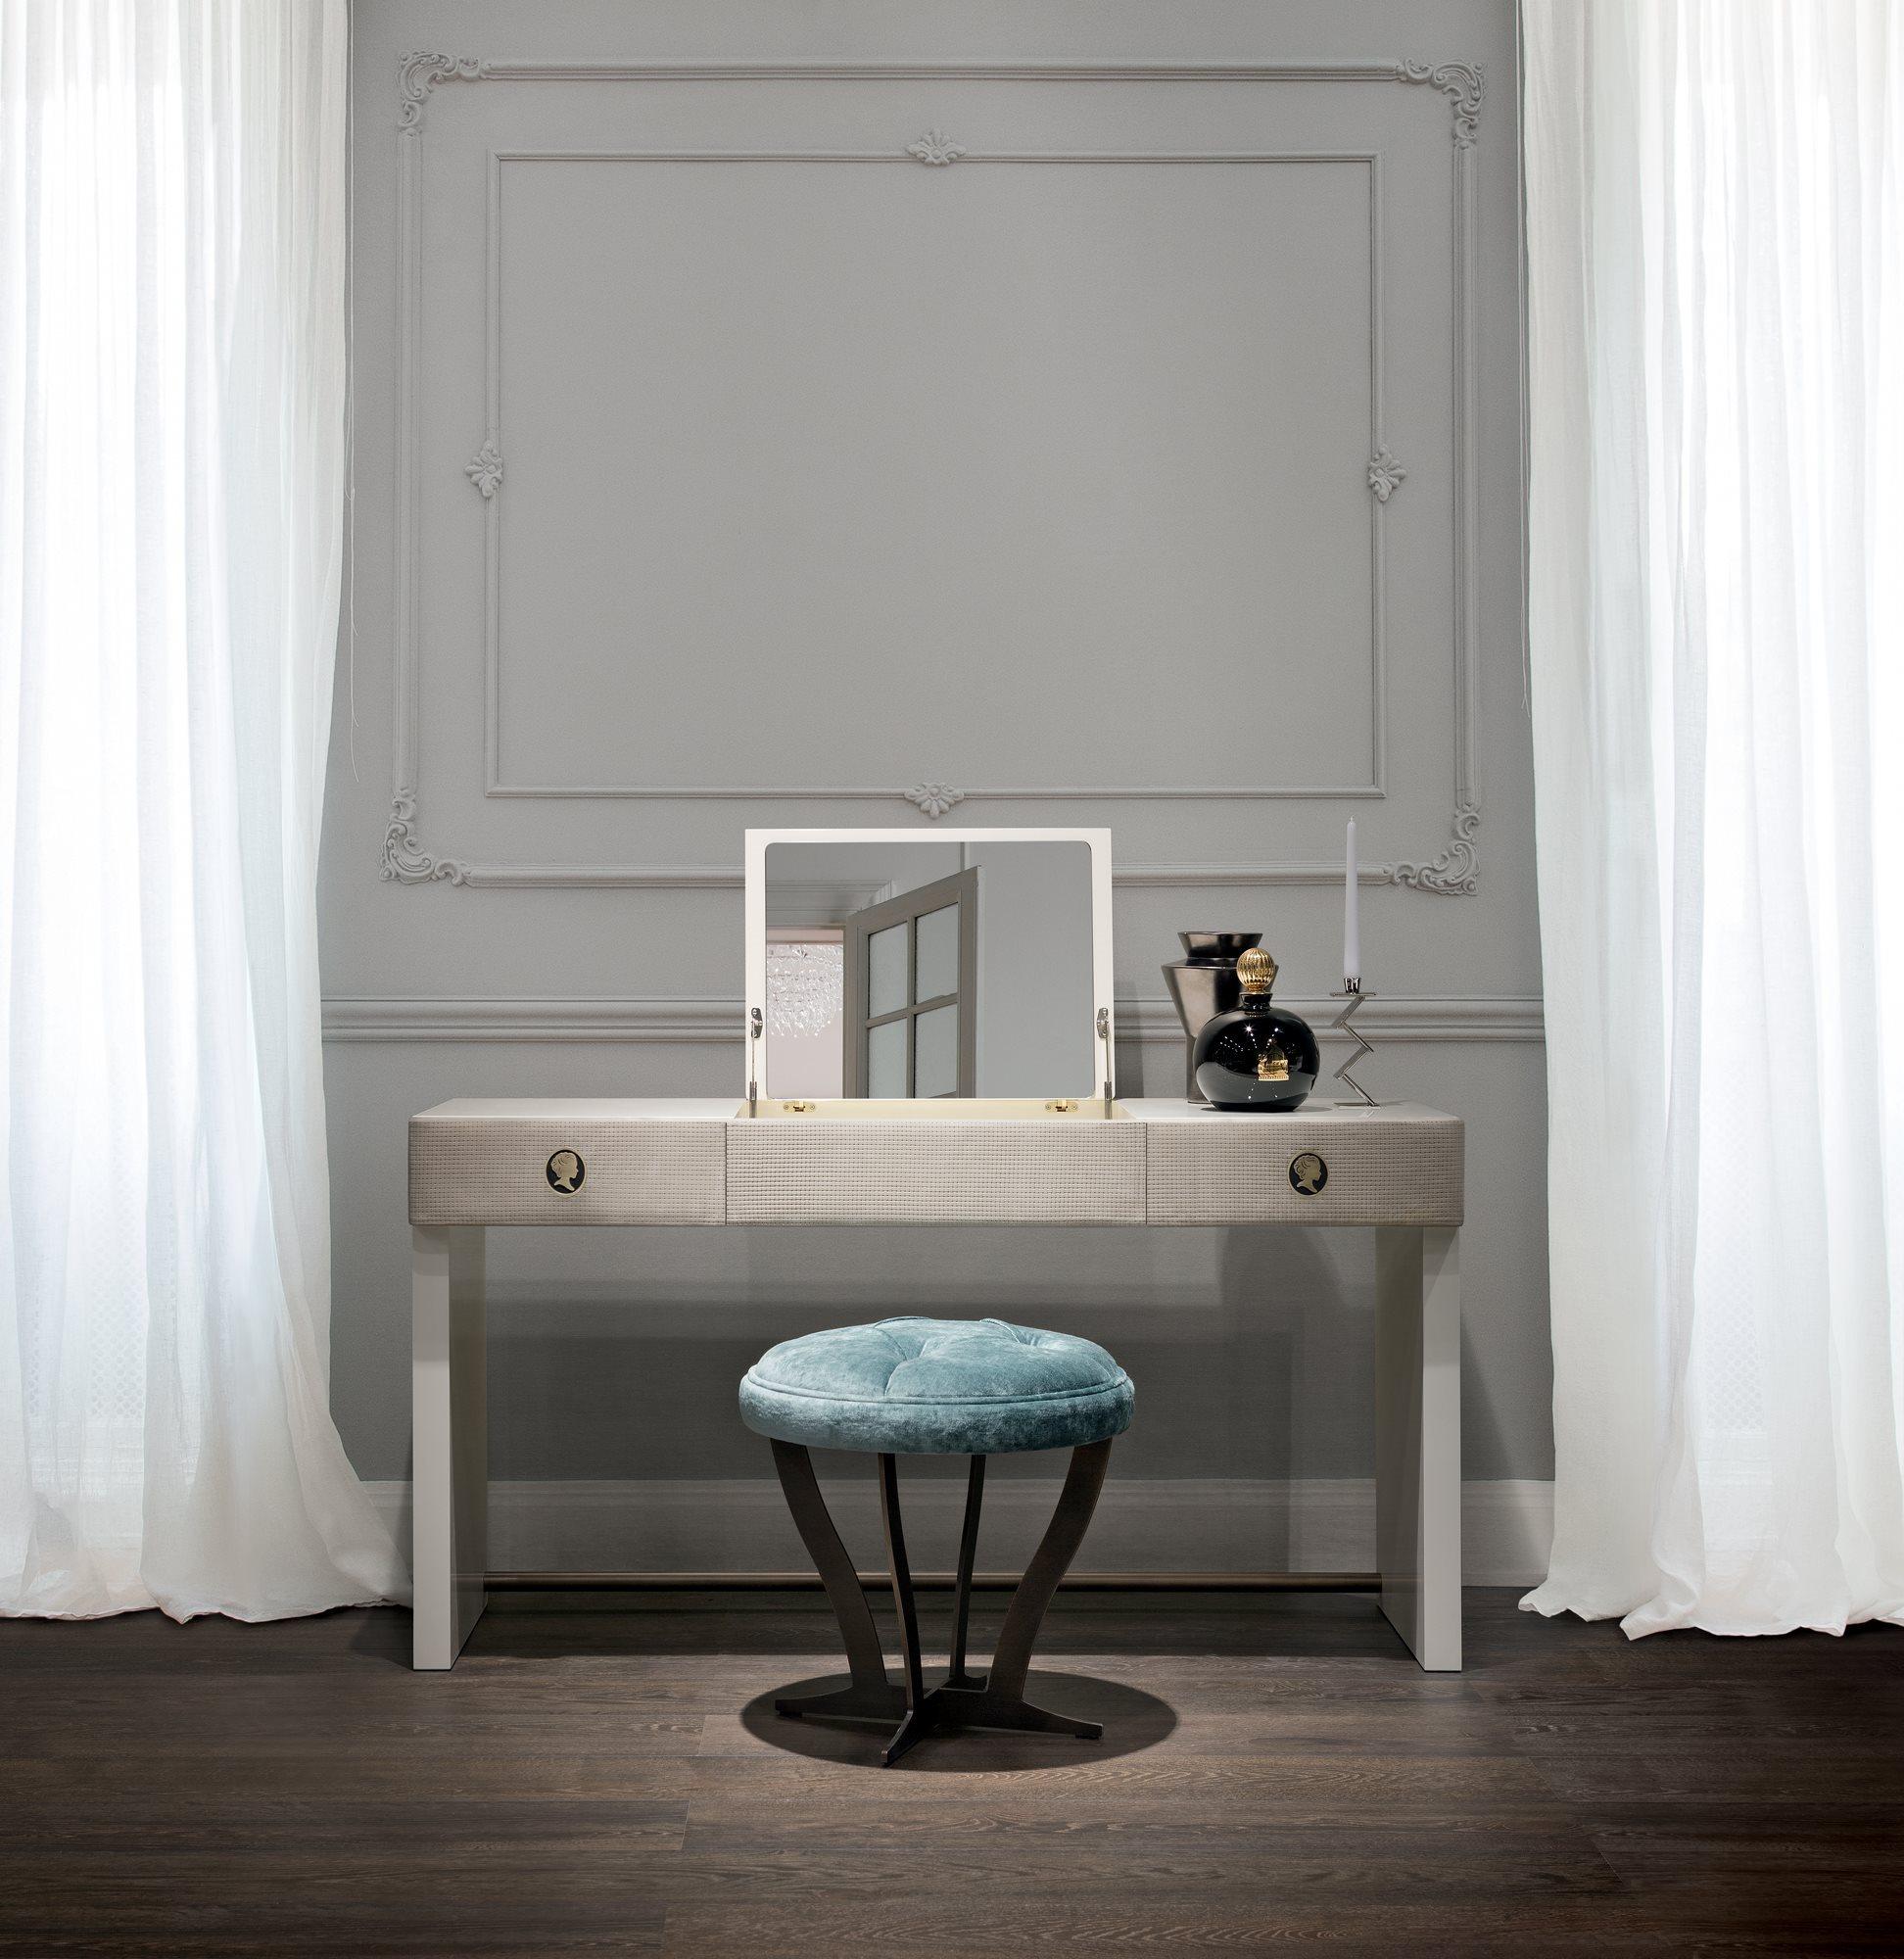 Alberta Salotti Туалетный столик Jasmine от итальянского бренда Alberta salotti